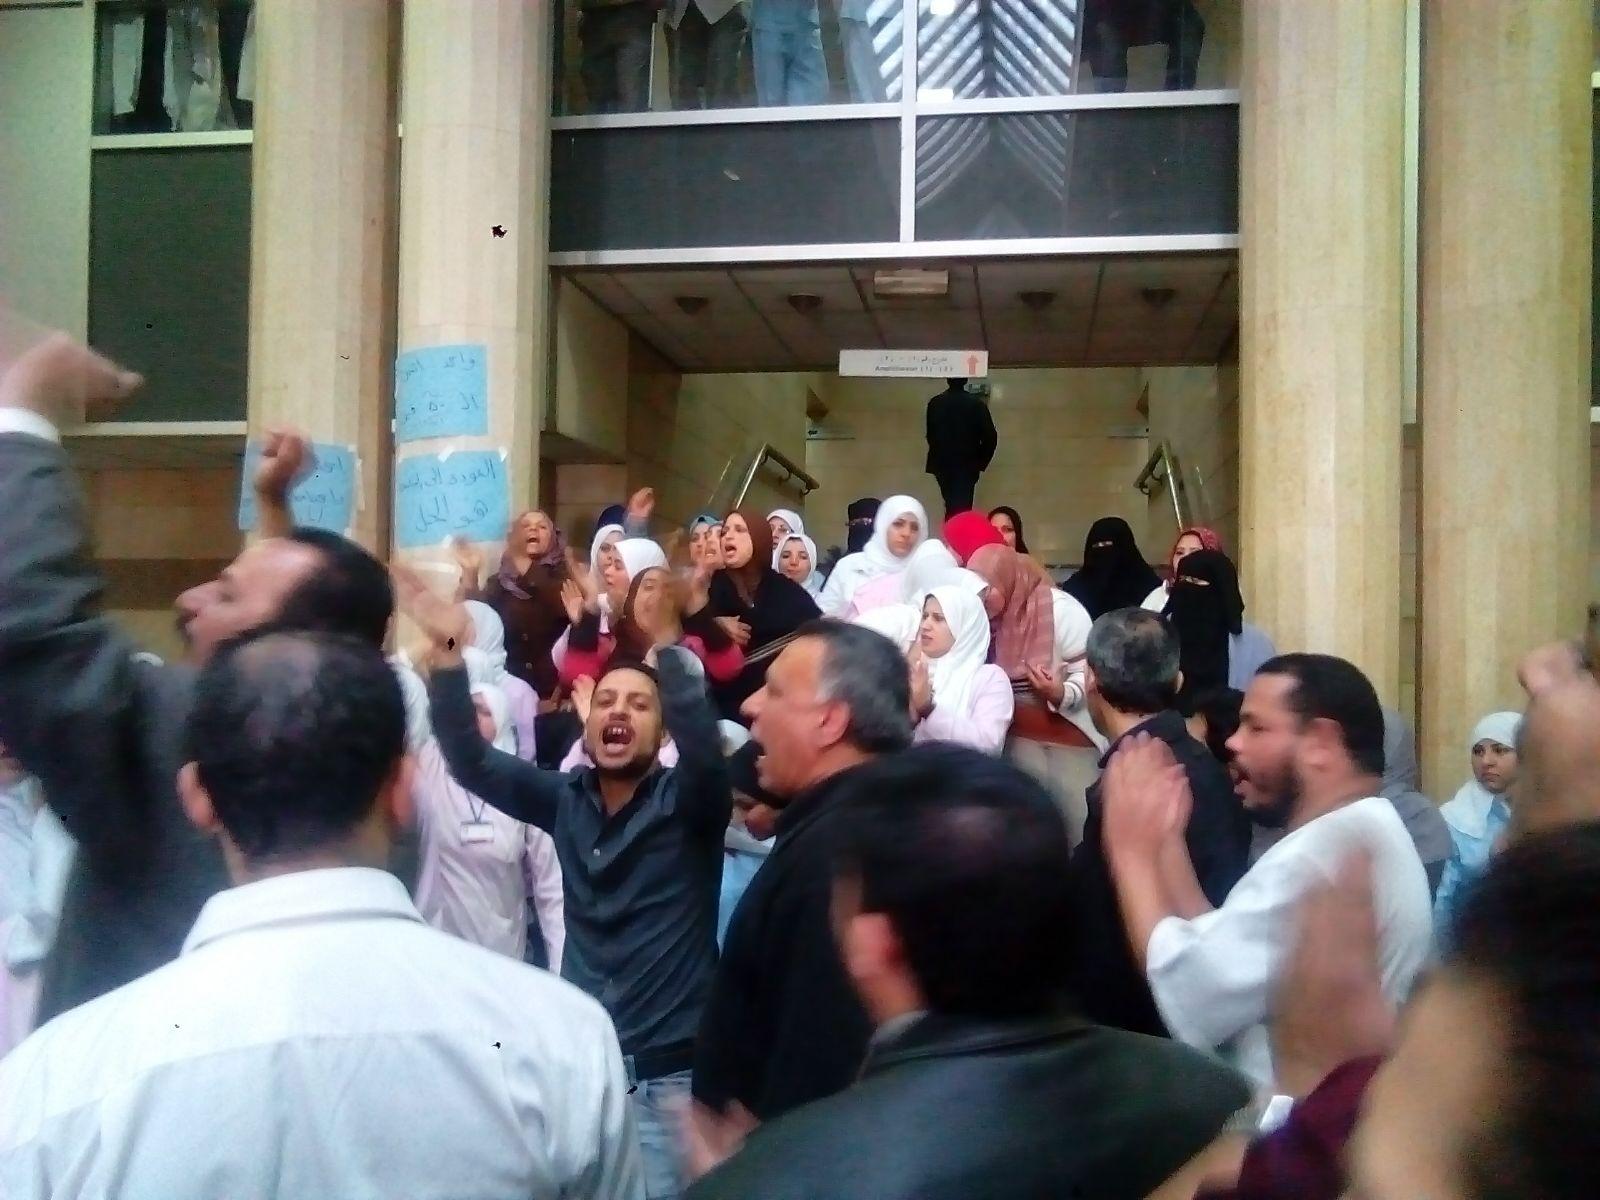 وقفة احتجاجية للعاملين بقصر العيني ضد «ظلم» مدير المستشفى